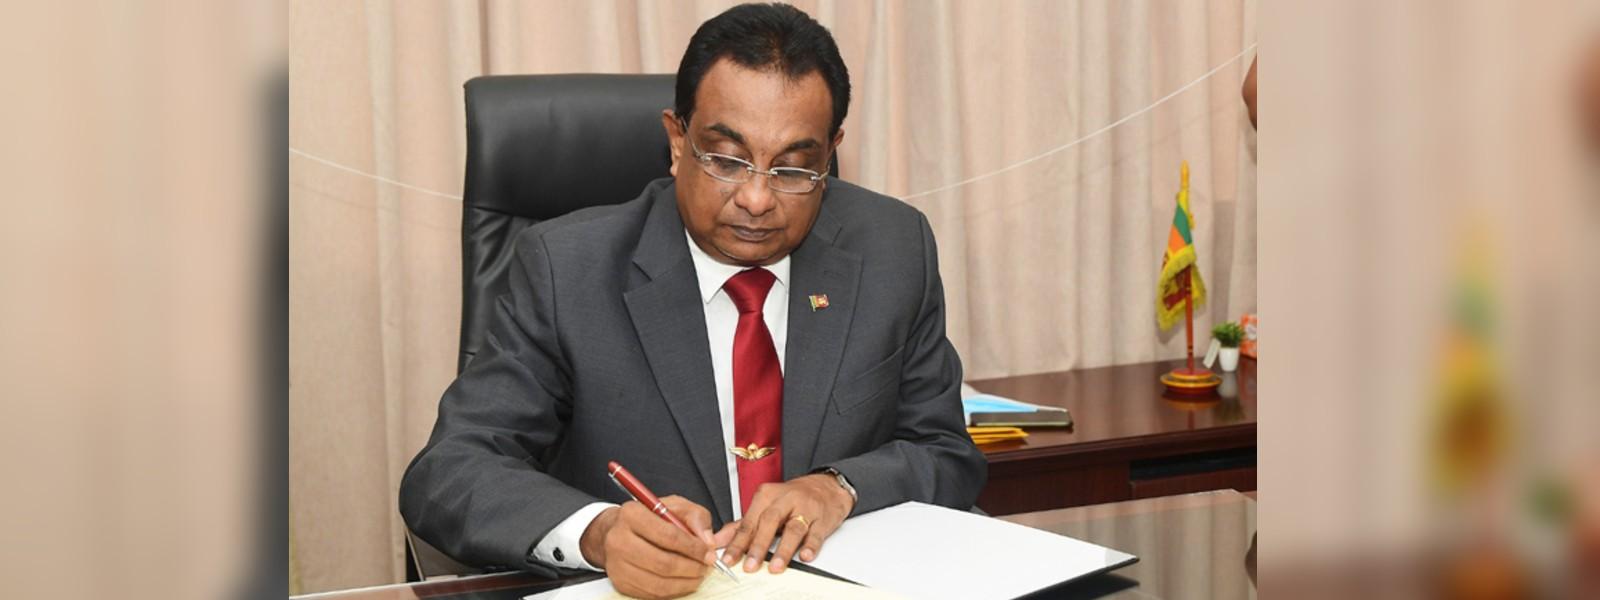 Agriculture Secretary refutes resignation reports